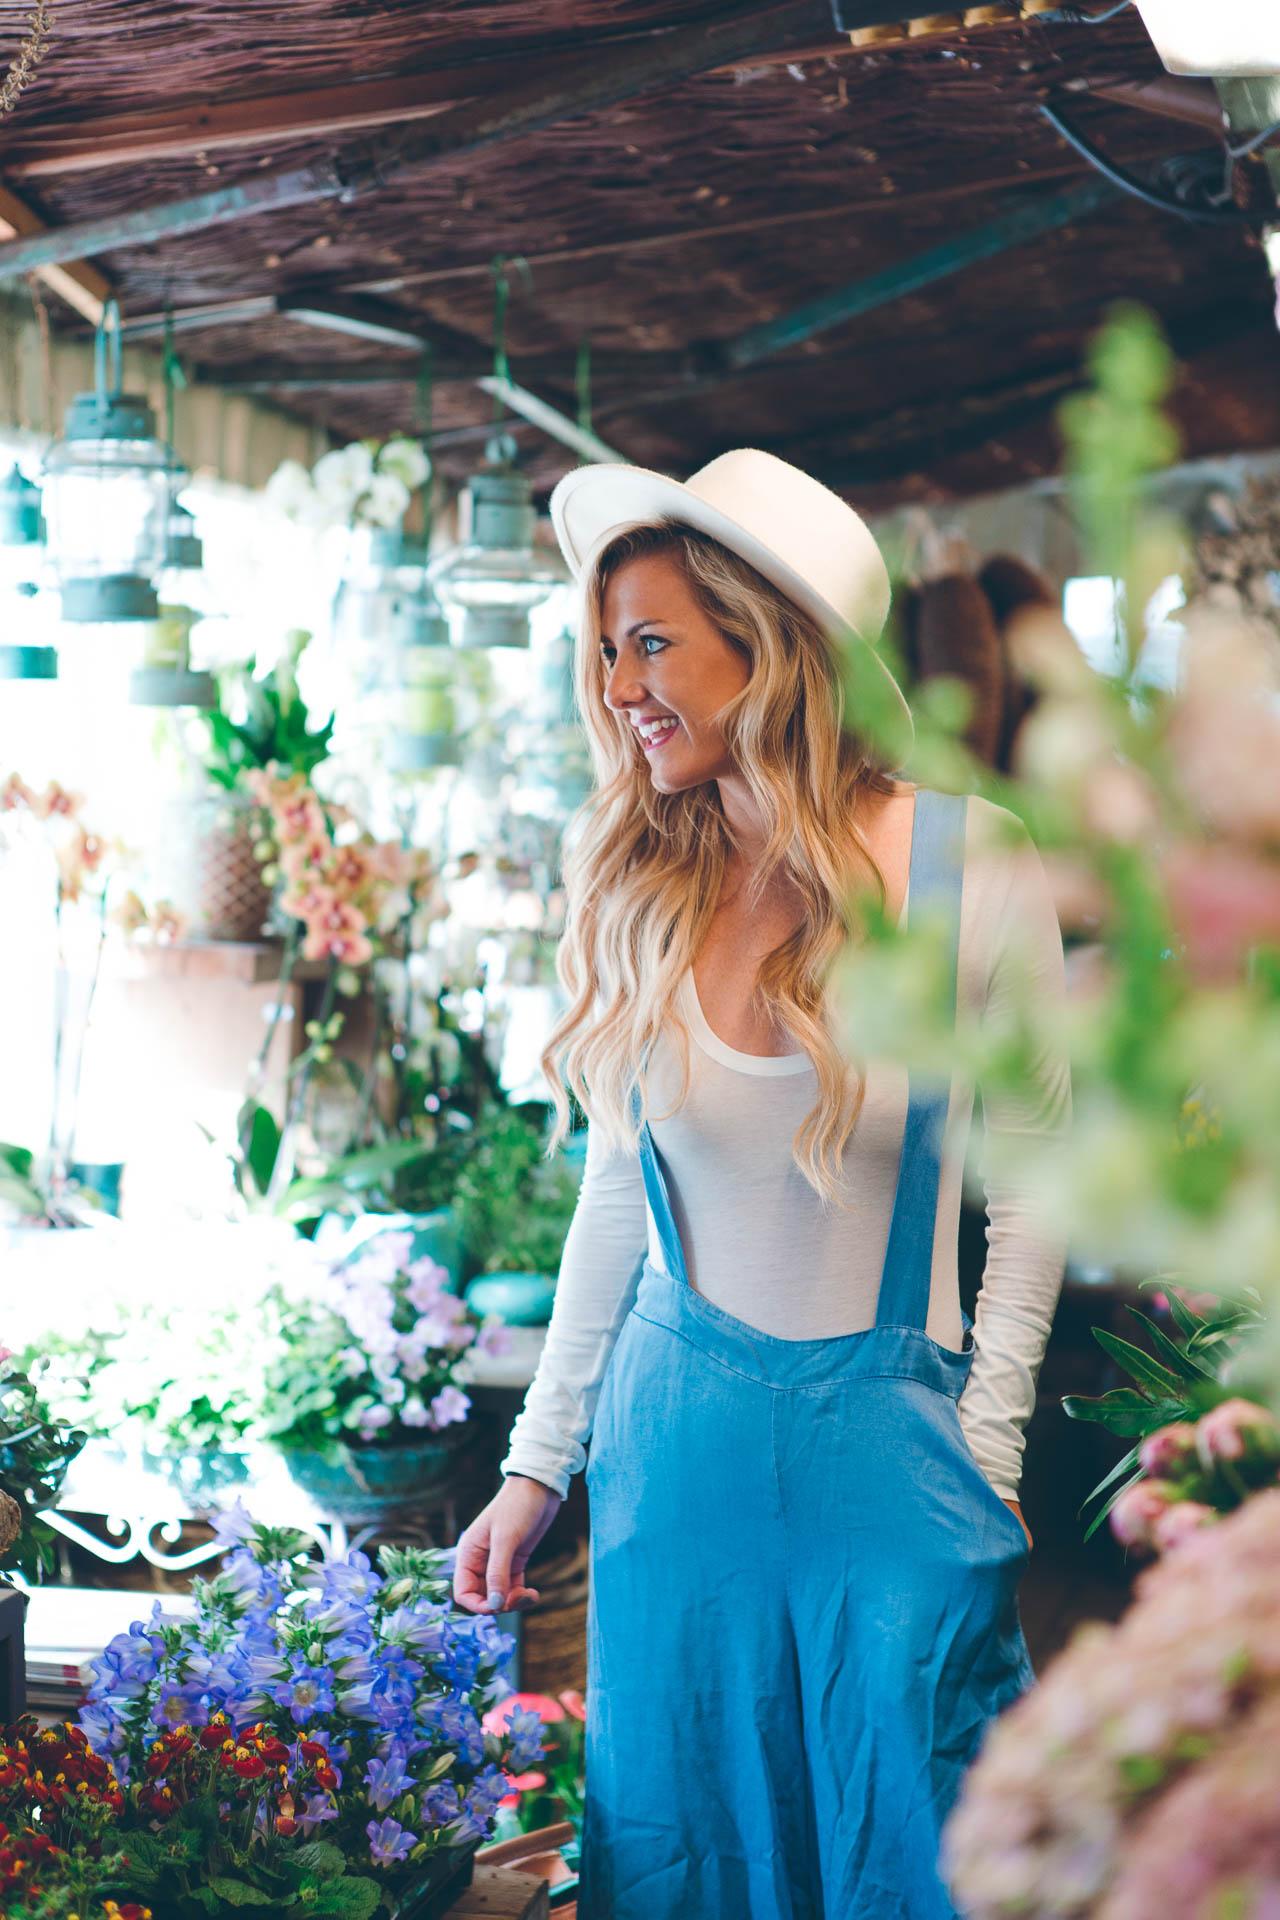 Blonde Frau bei einer Scrowl Photo Tour inmitten von Blumen am Viktualienmarkt München